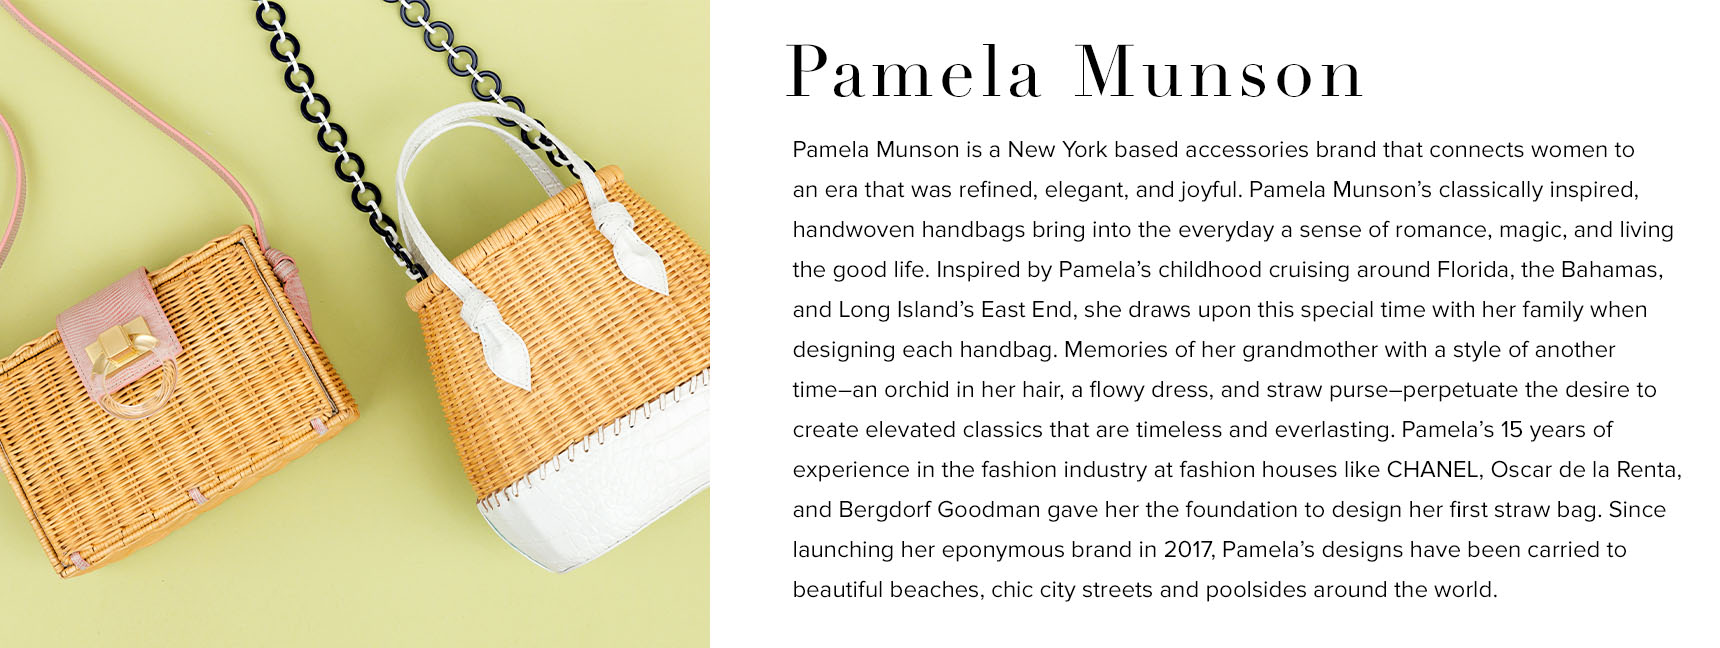 Pamela Munson